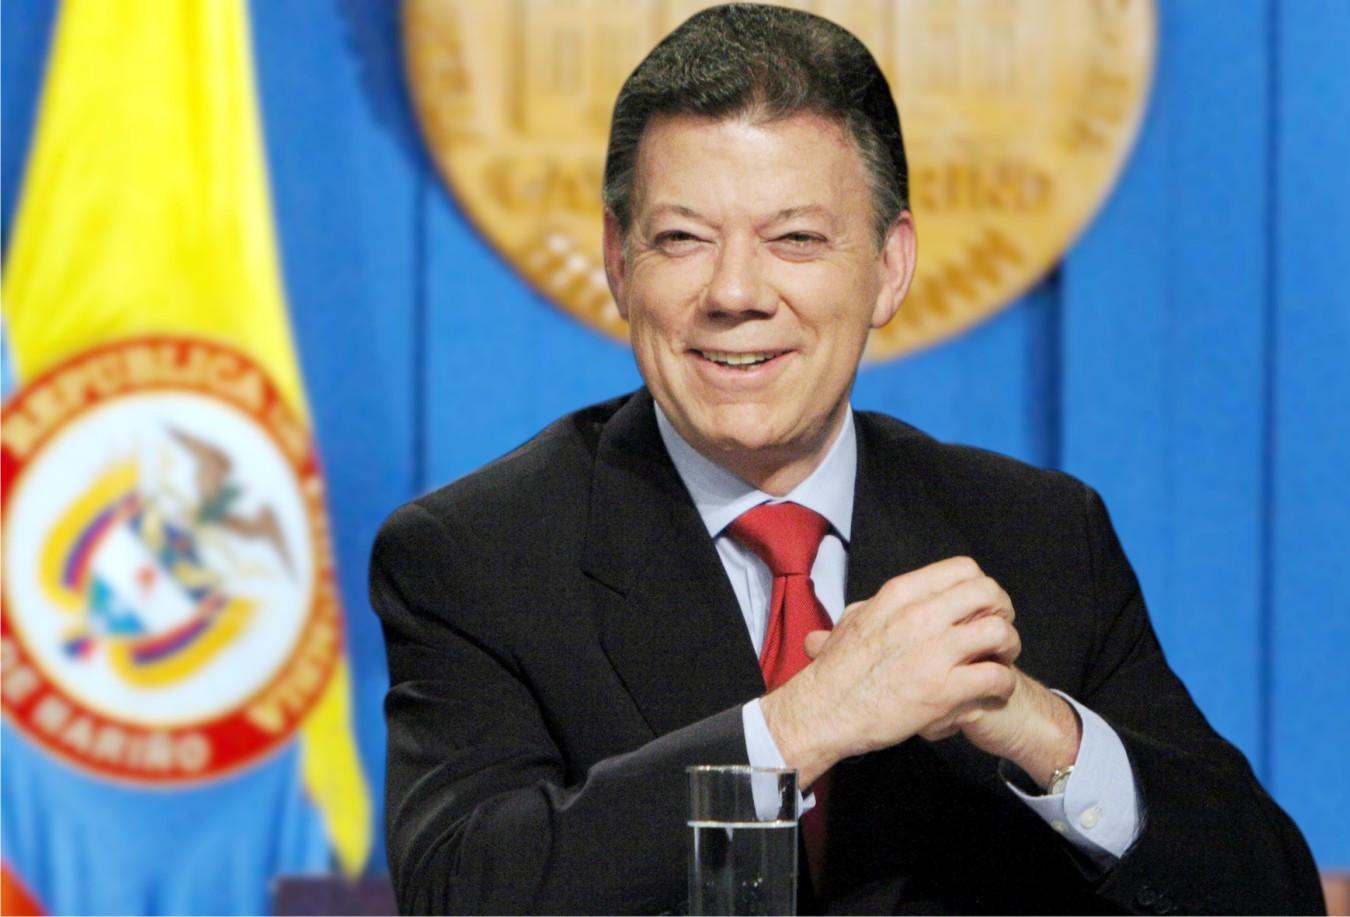 İlk Nobel Ödülü ekonomi dalında ödüle layık görüldü